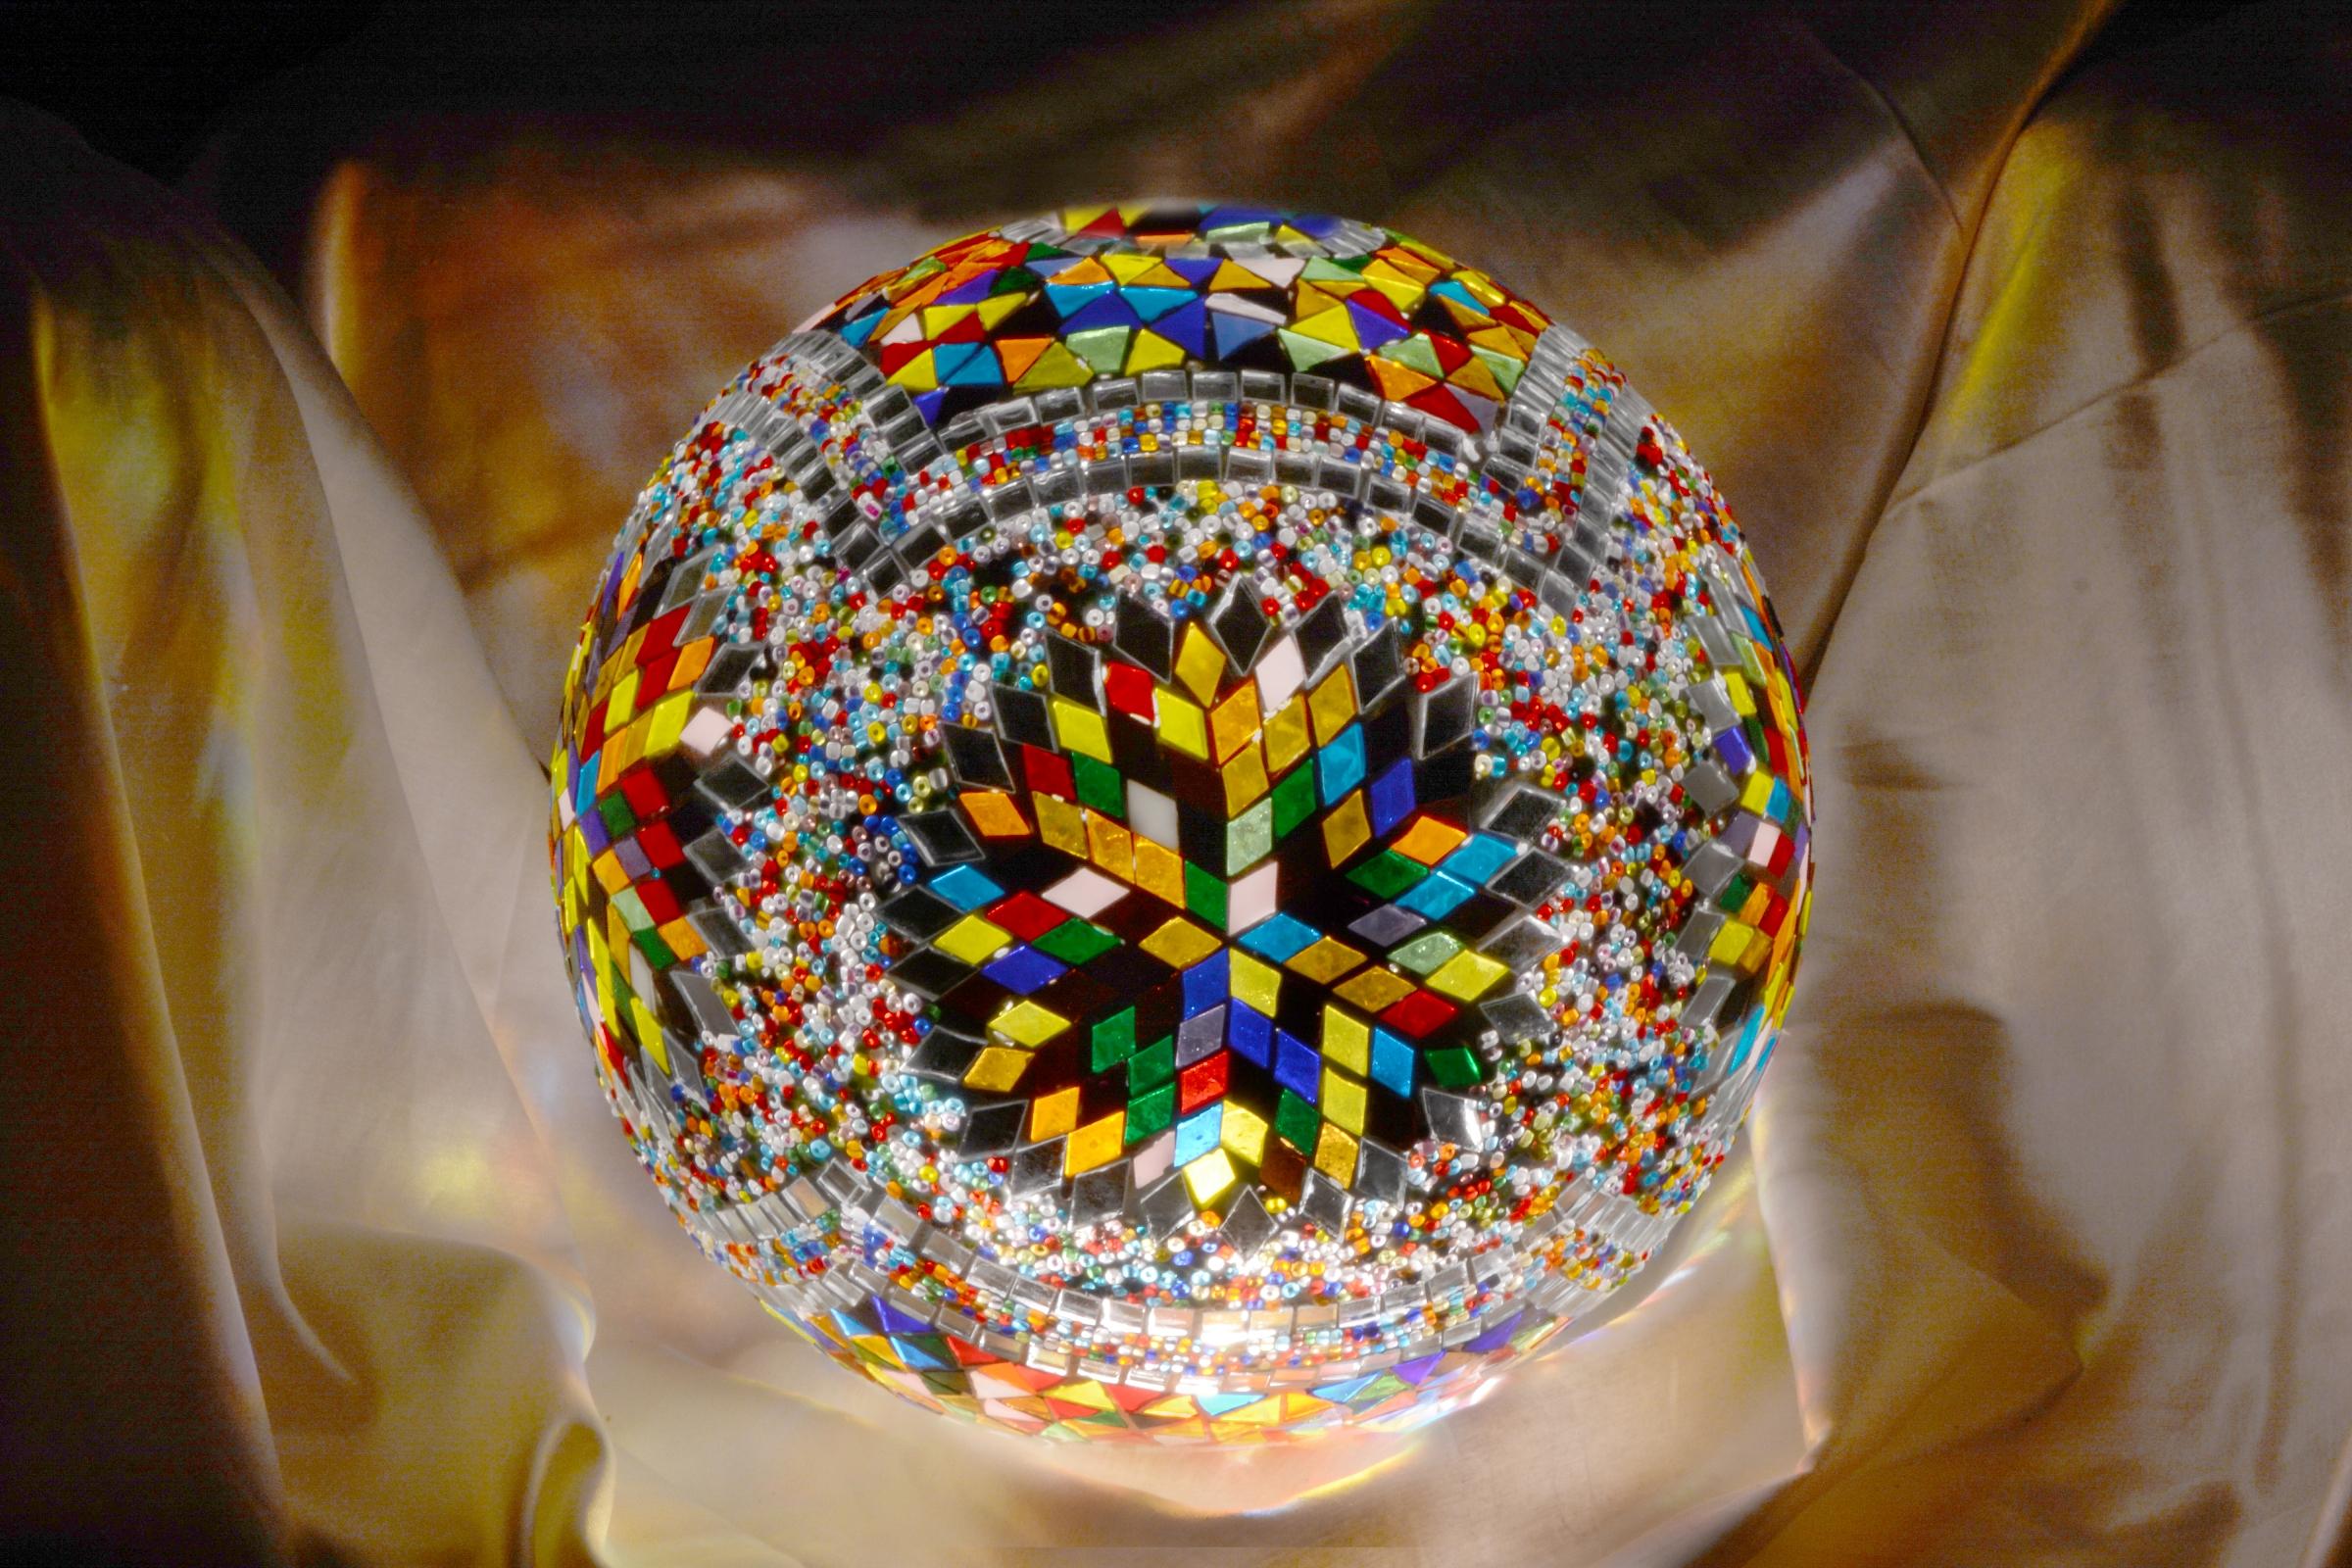 30cm Top Mosaic Lamp